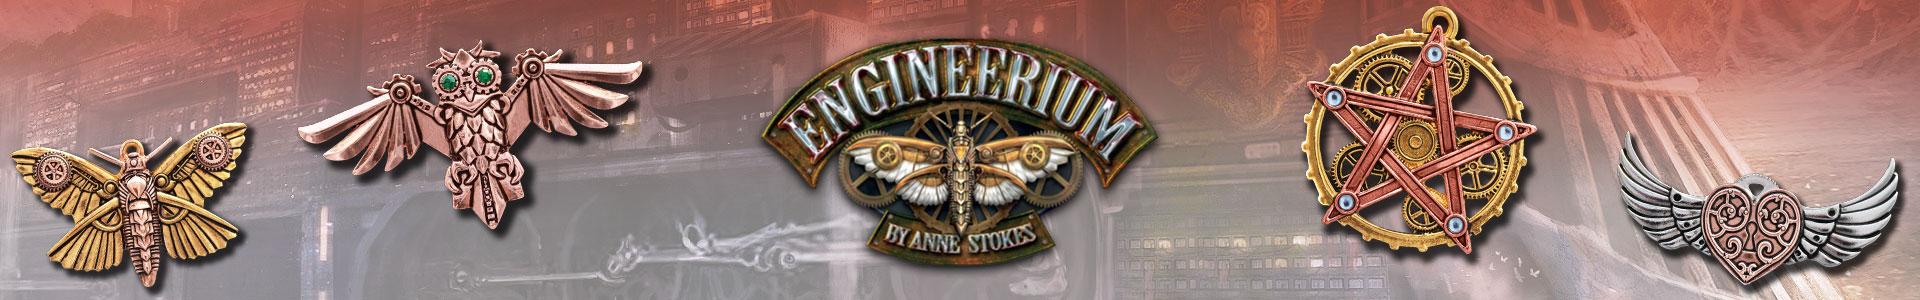 Engineerium